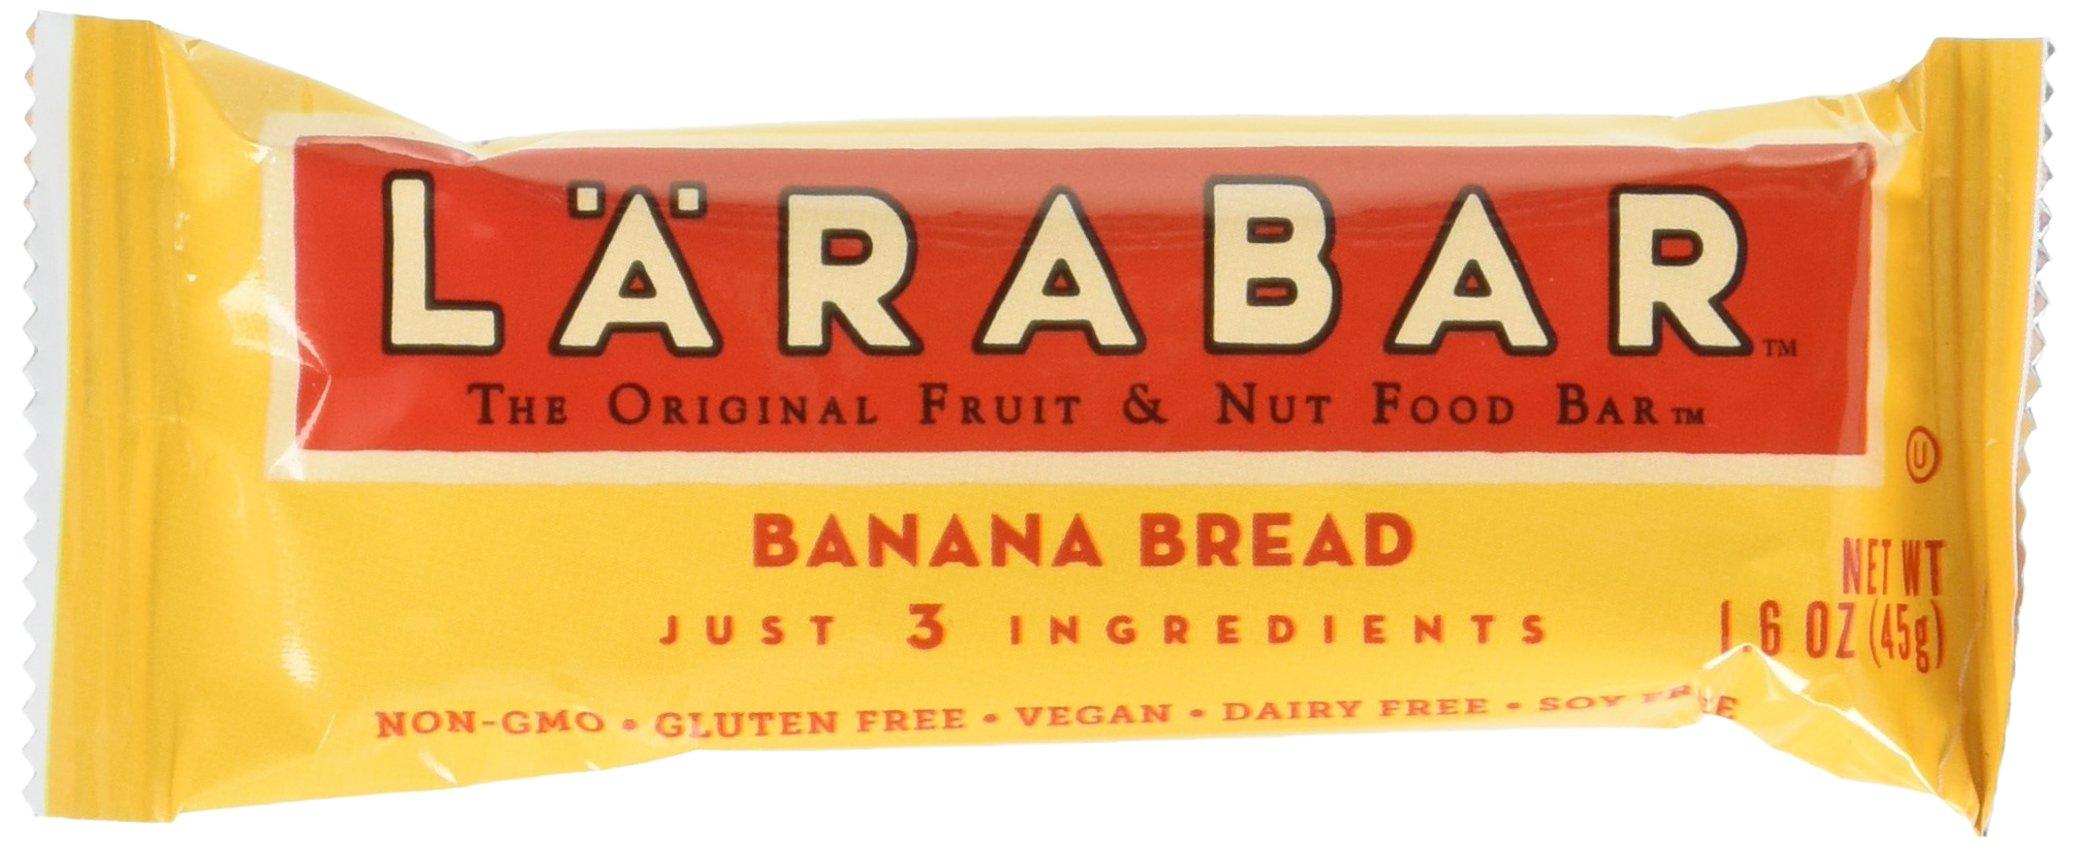 Larabar Gluten Free Bar, Banana Bread, 1.6 oz Bars (16 Count)